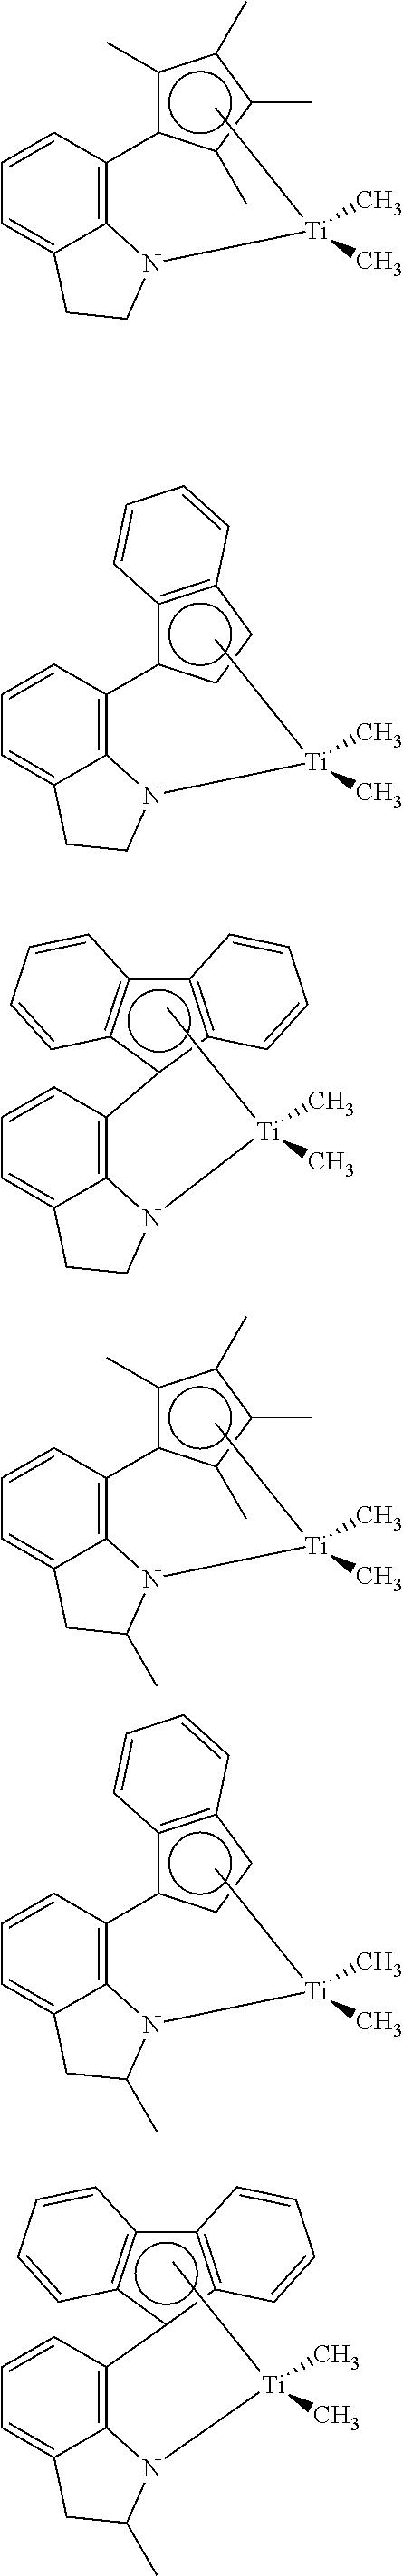 Figure US09120836-20150901-C00039